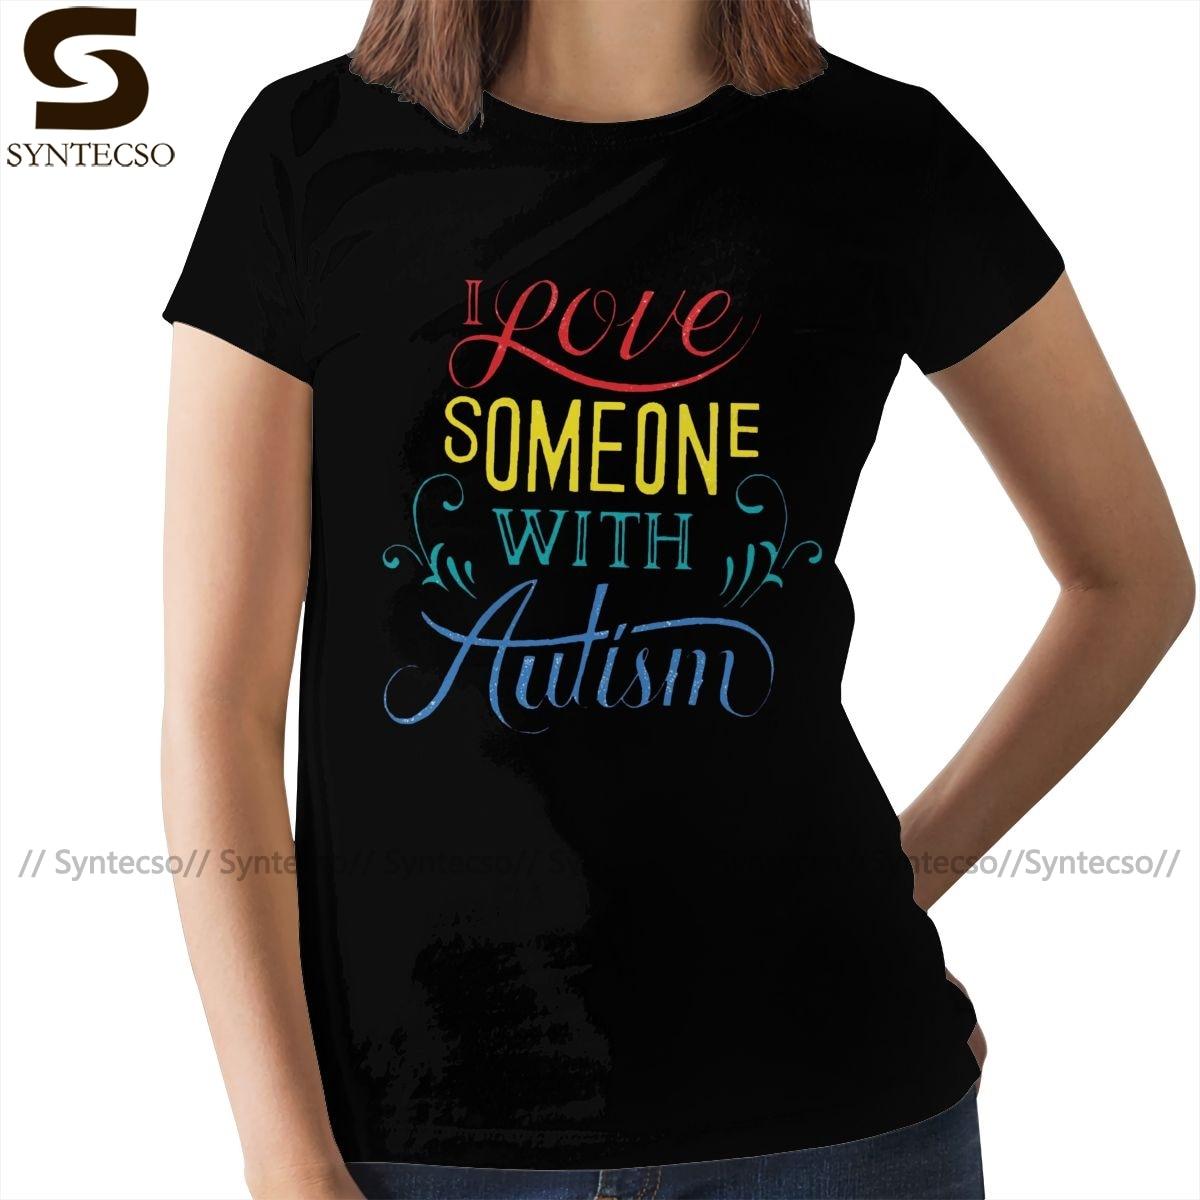 La La Land T-Shirt I Love Someone T Shirt Graphic O Neck Women tshirt Street Fashion Cotton Ladies Tee Shirt